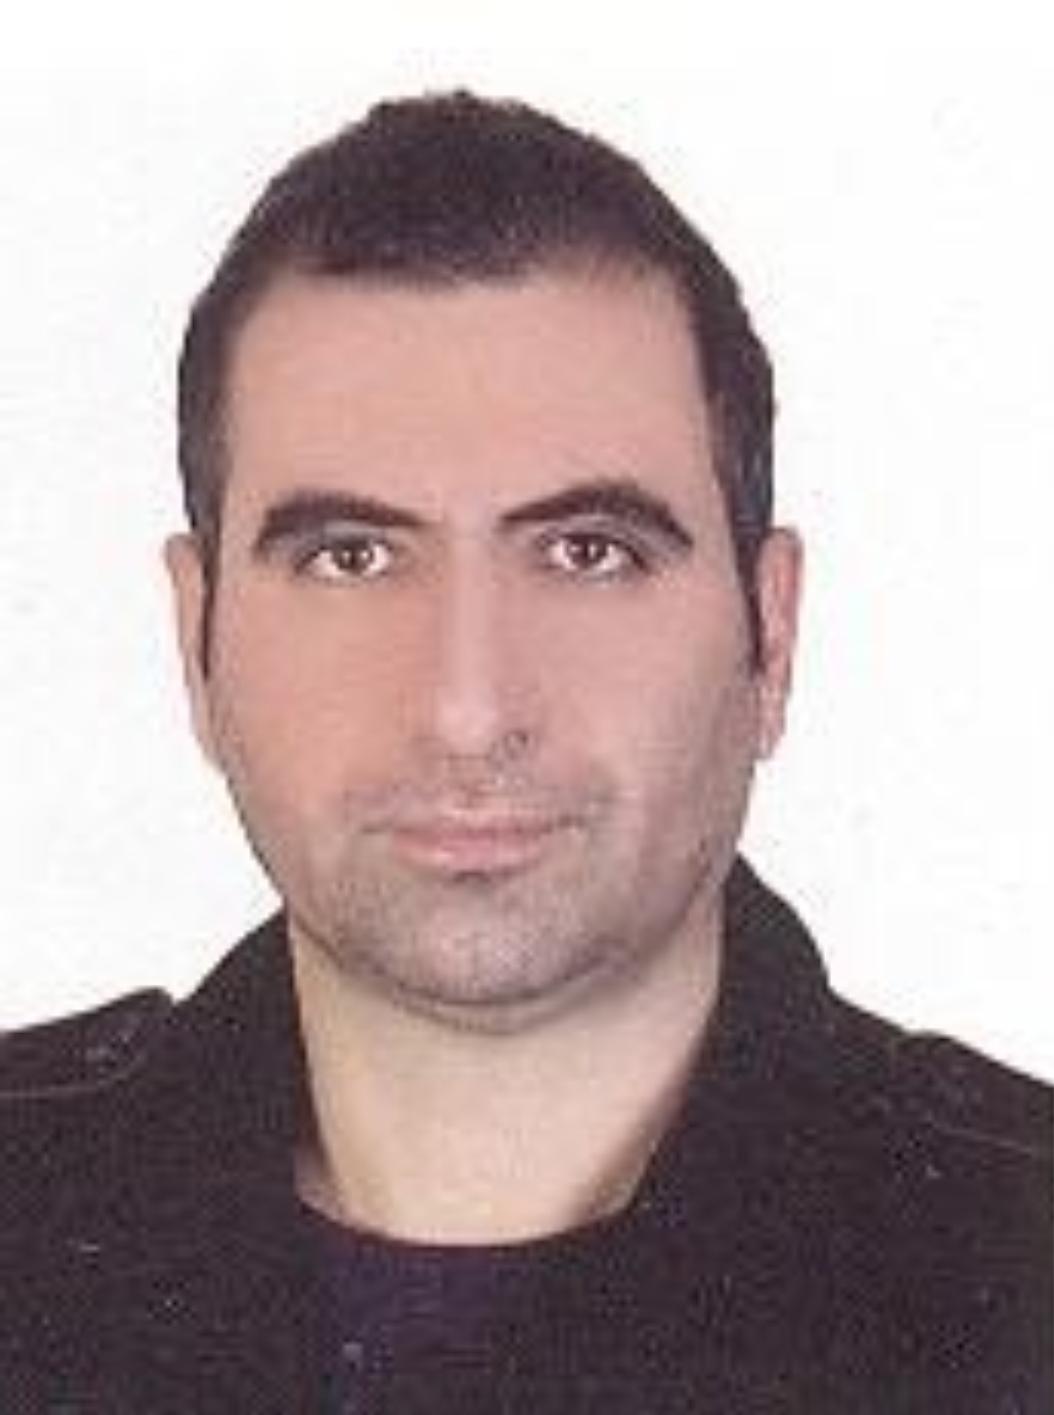 دلنوشتهای برای حسن یزدانی، پلنگ ایرانی